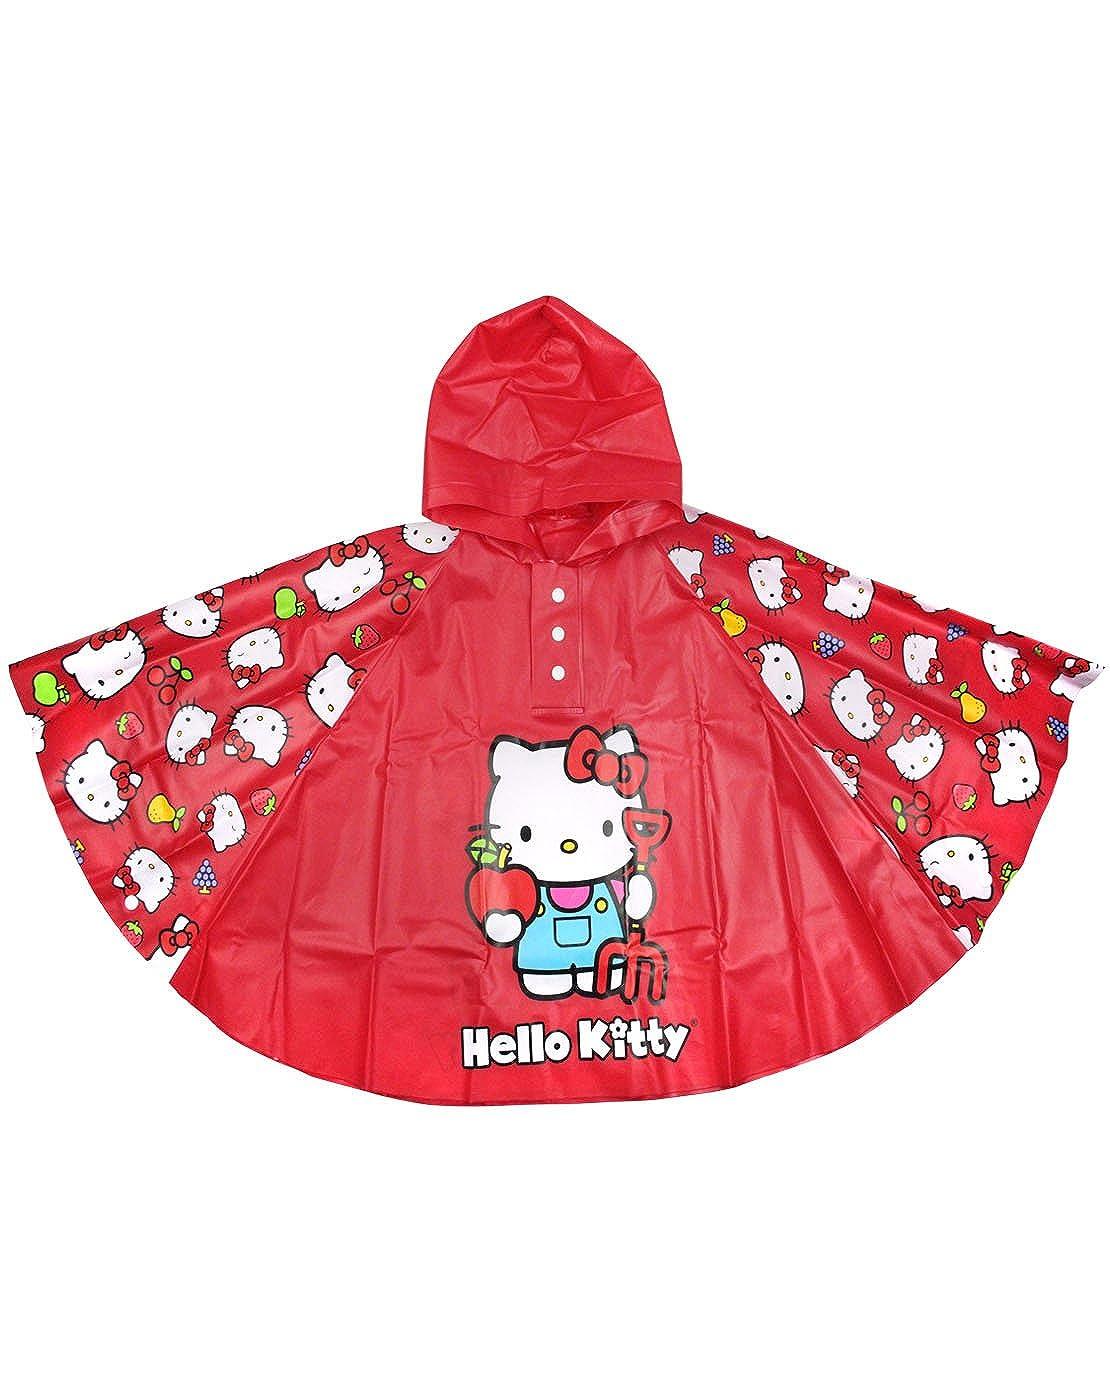 Official Hello Kitty Garden Centre Kid's Cagoule